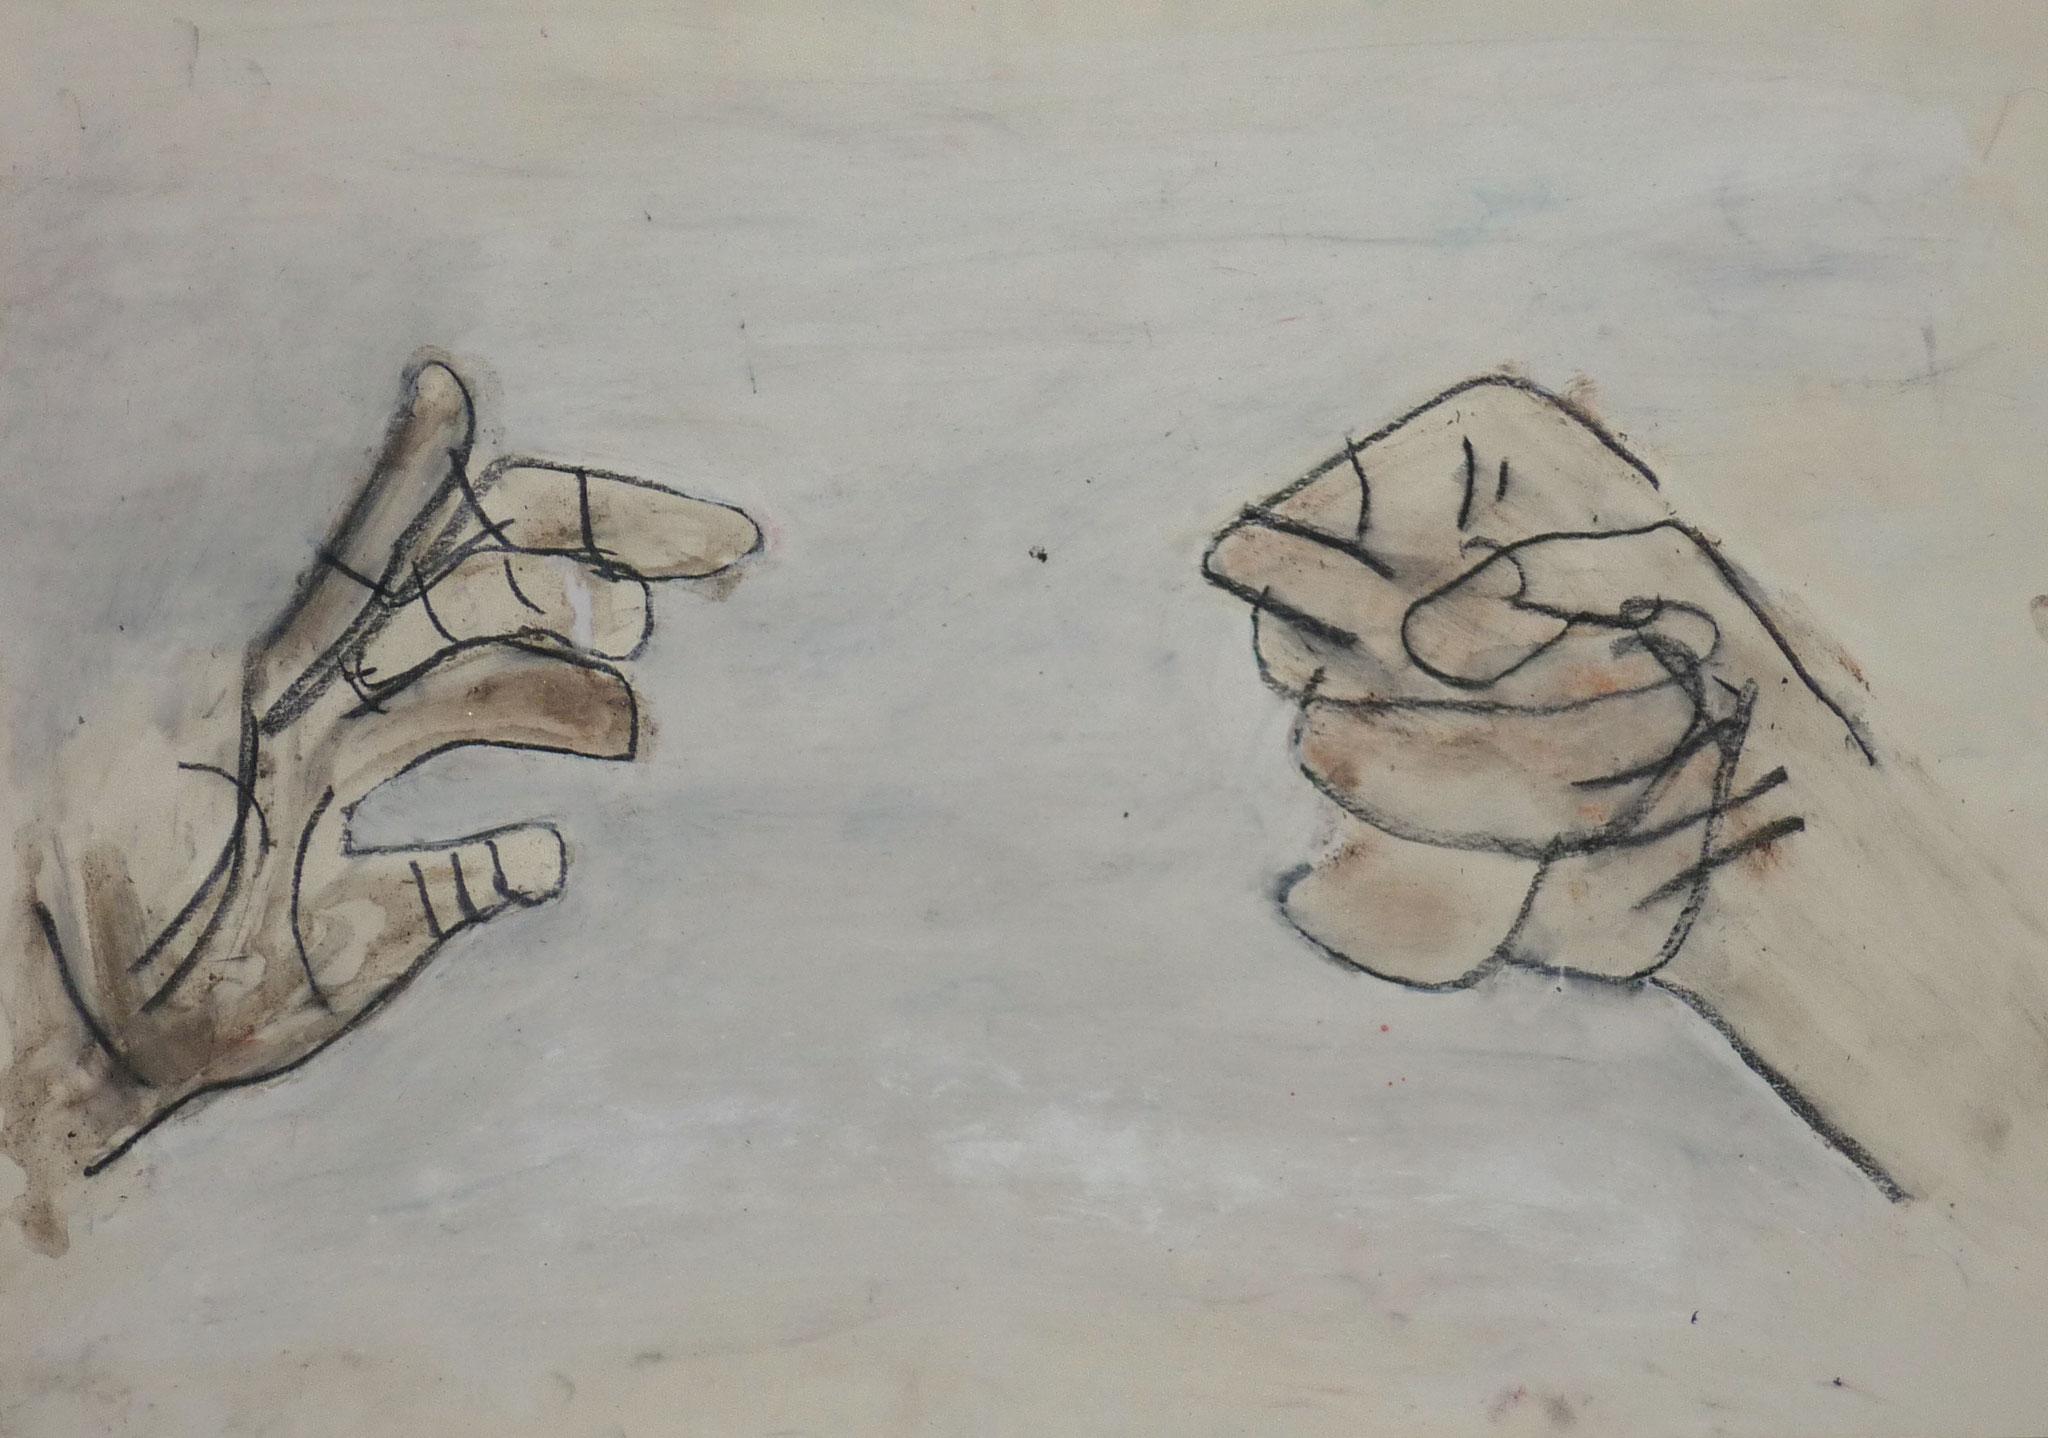 Handarbeit III, 2001, 58x42cm, Papier